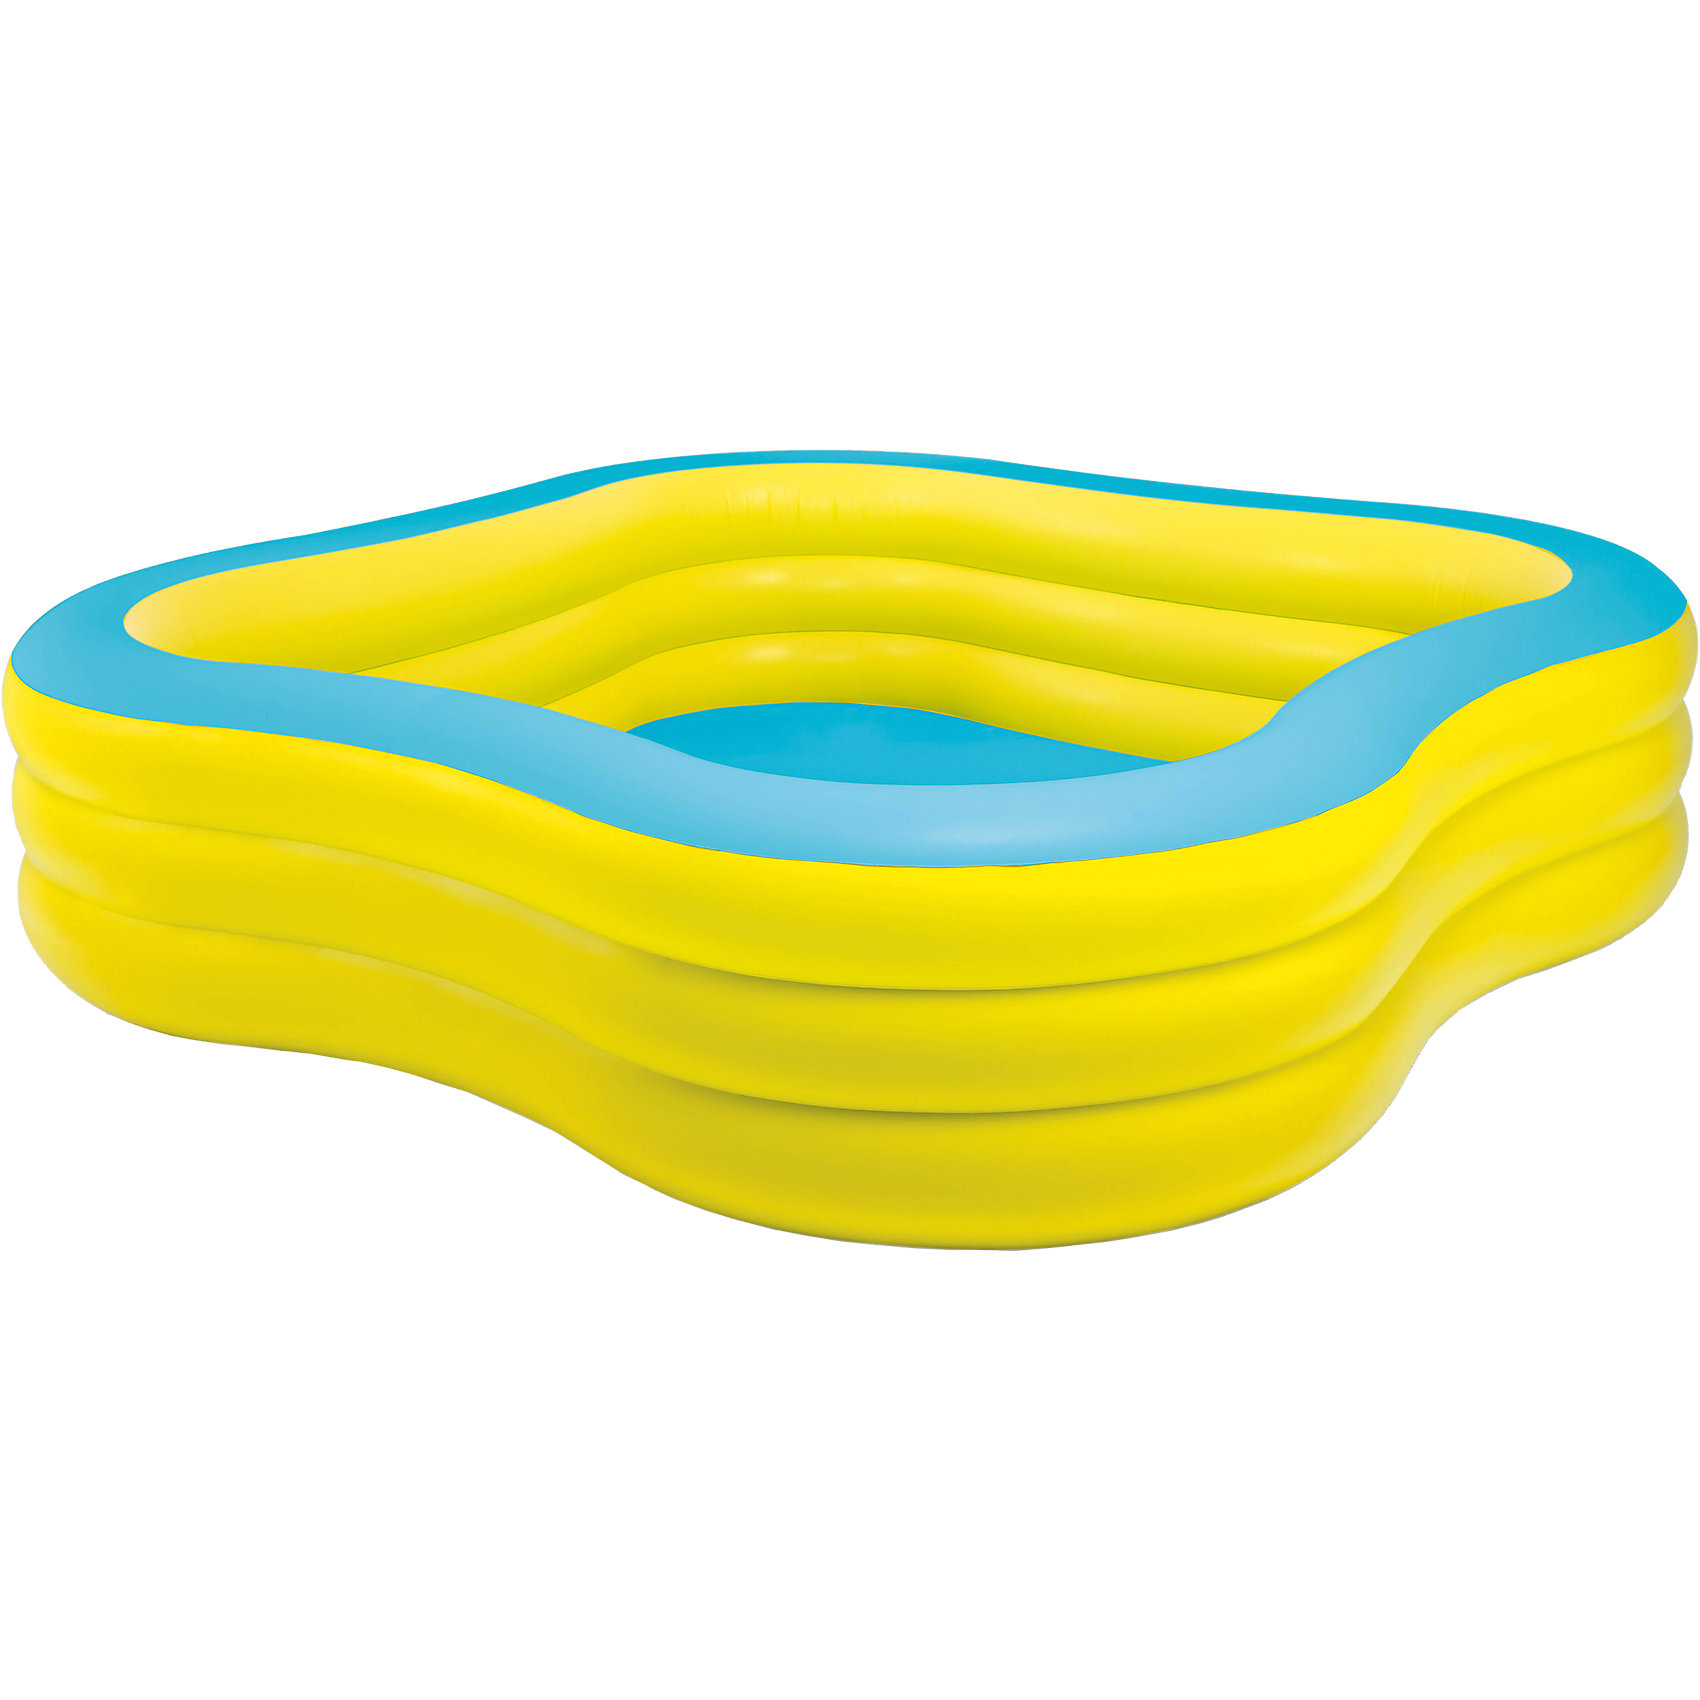 Intex Детский надувной бассейн Семейный, Intex intex надувной бассейн family